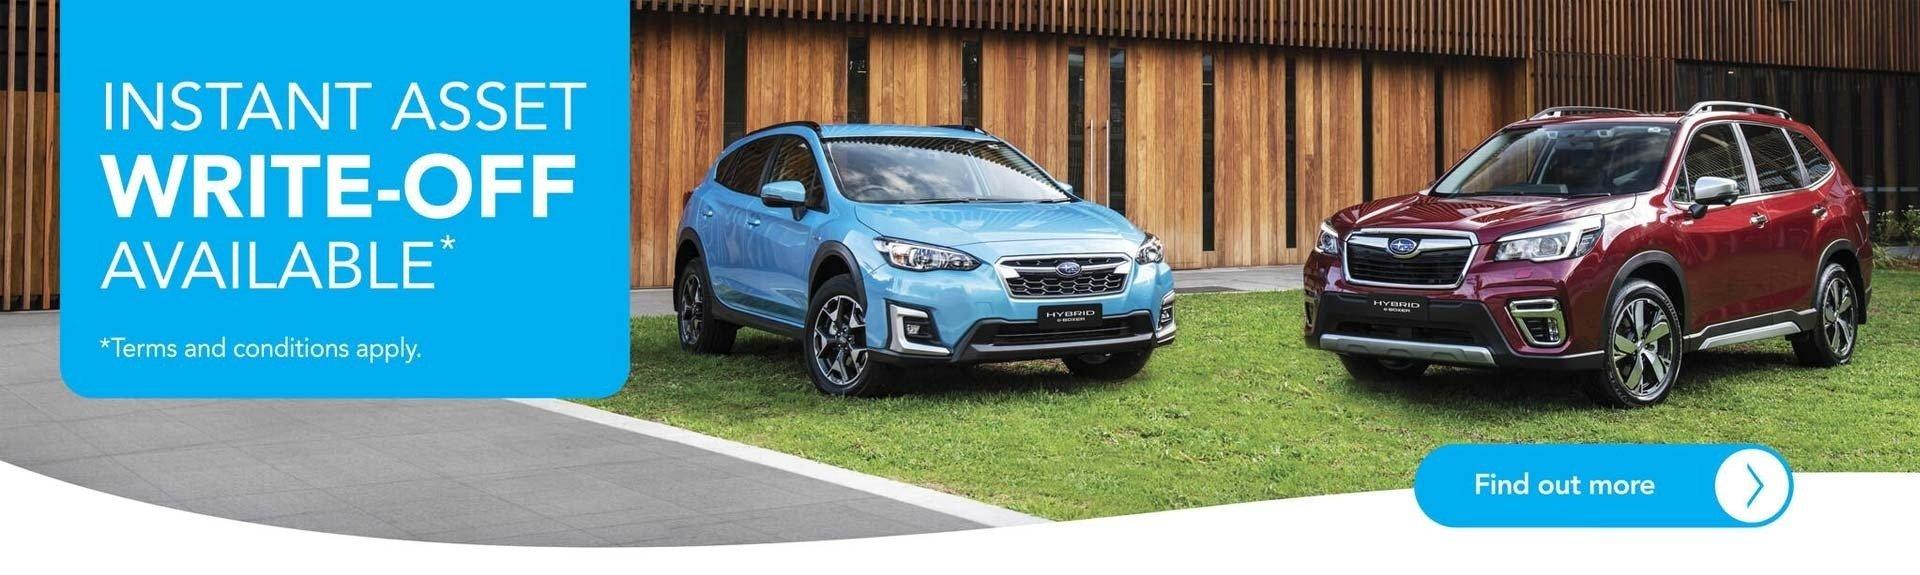 Subaru Demonstrator Deals Now On